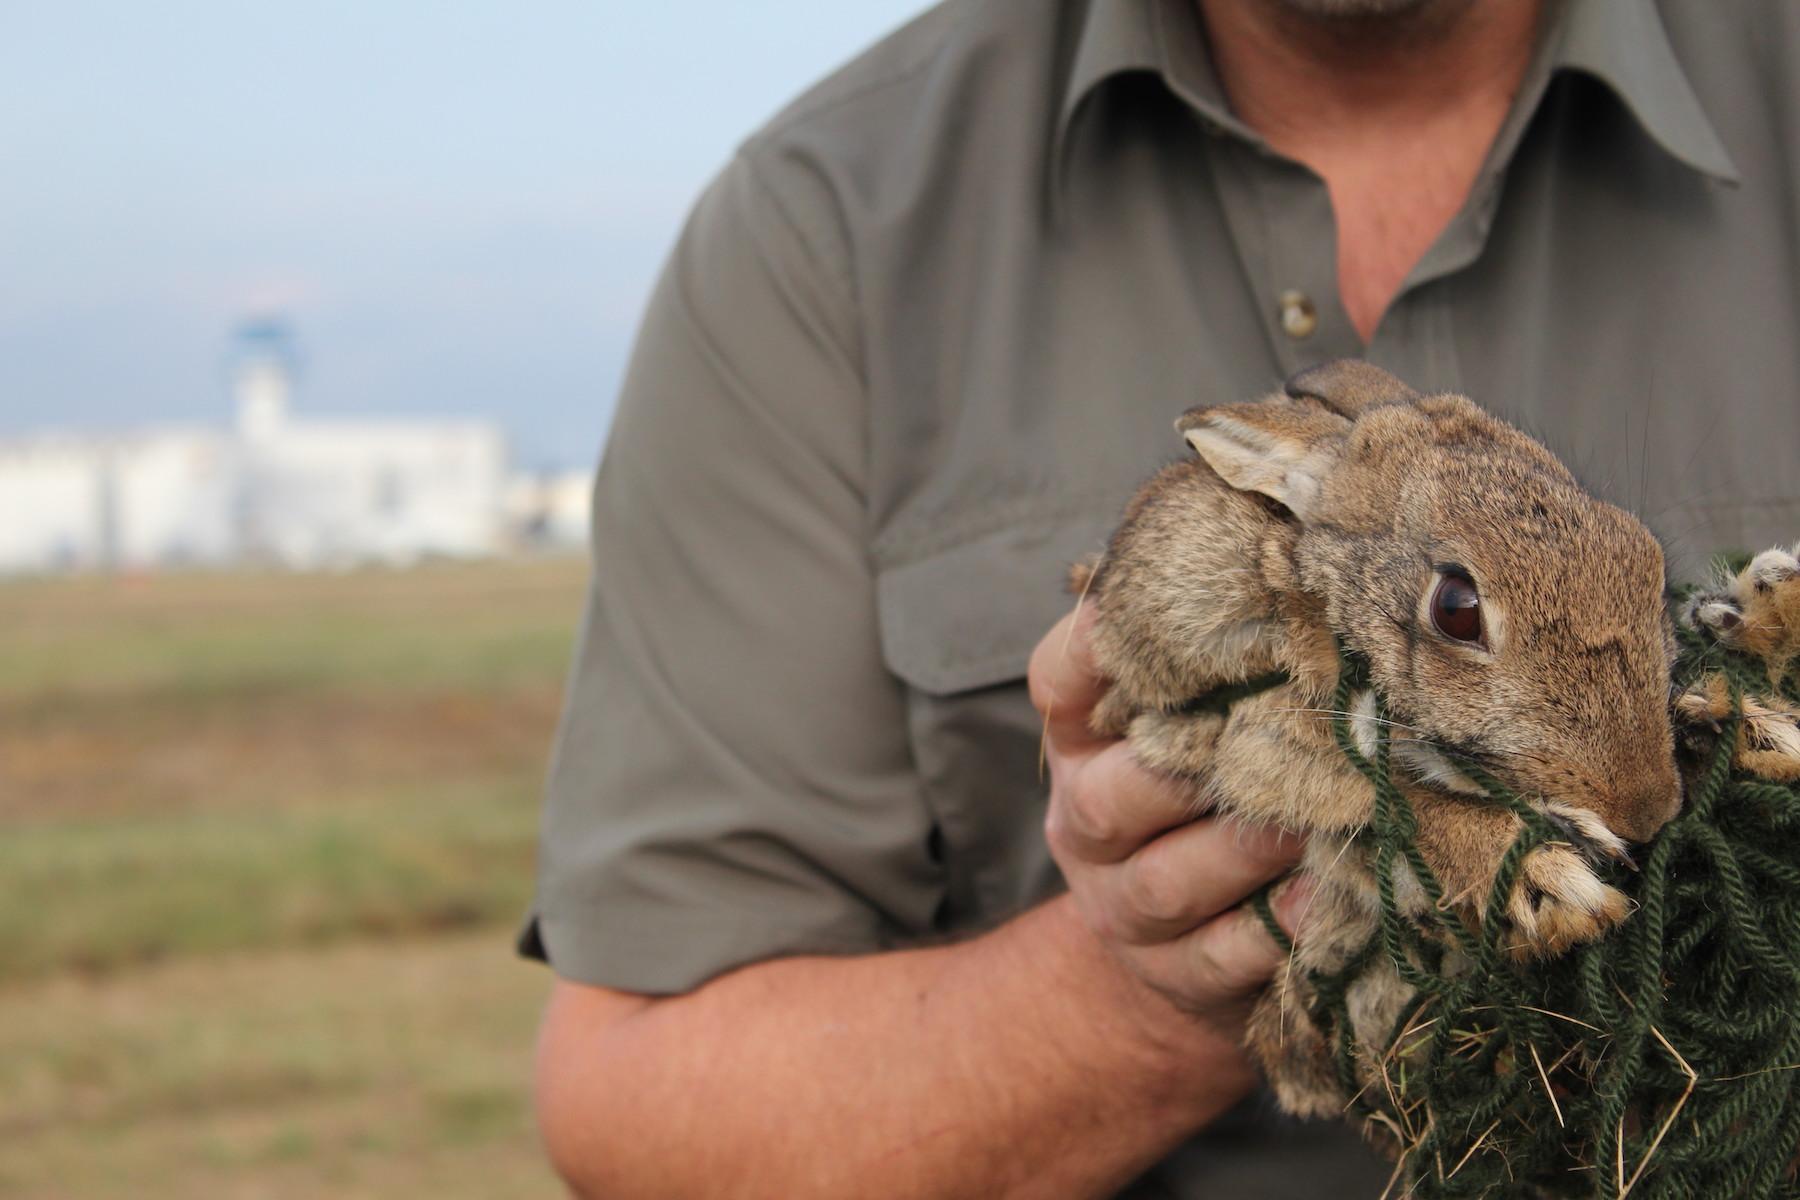 Der Lebendfang von Kaninchen mit Netzen bzw. Reusen ist aufwendig, aber effektiv